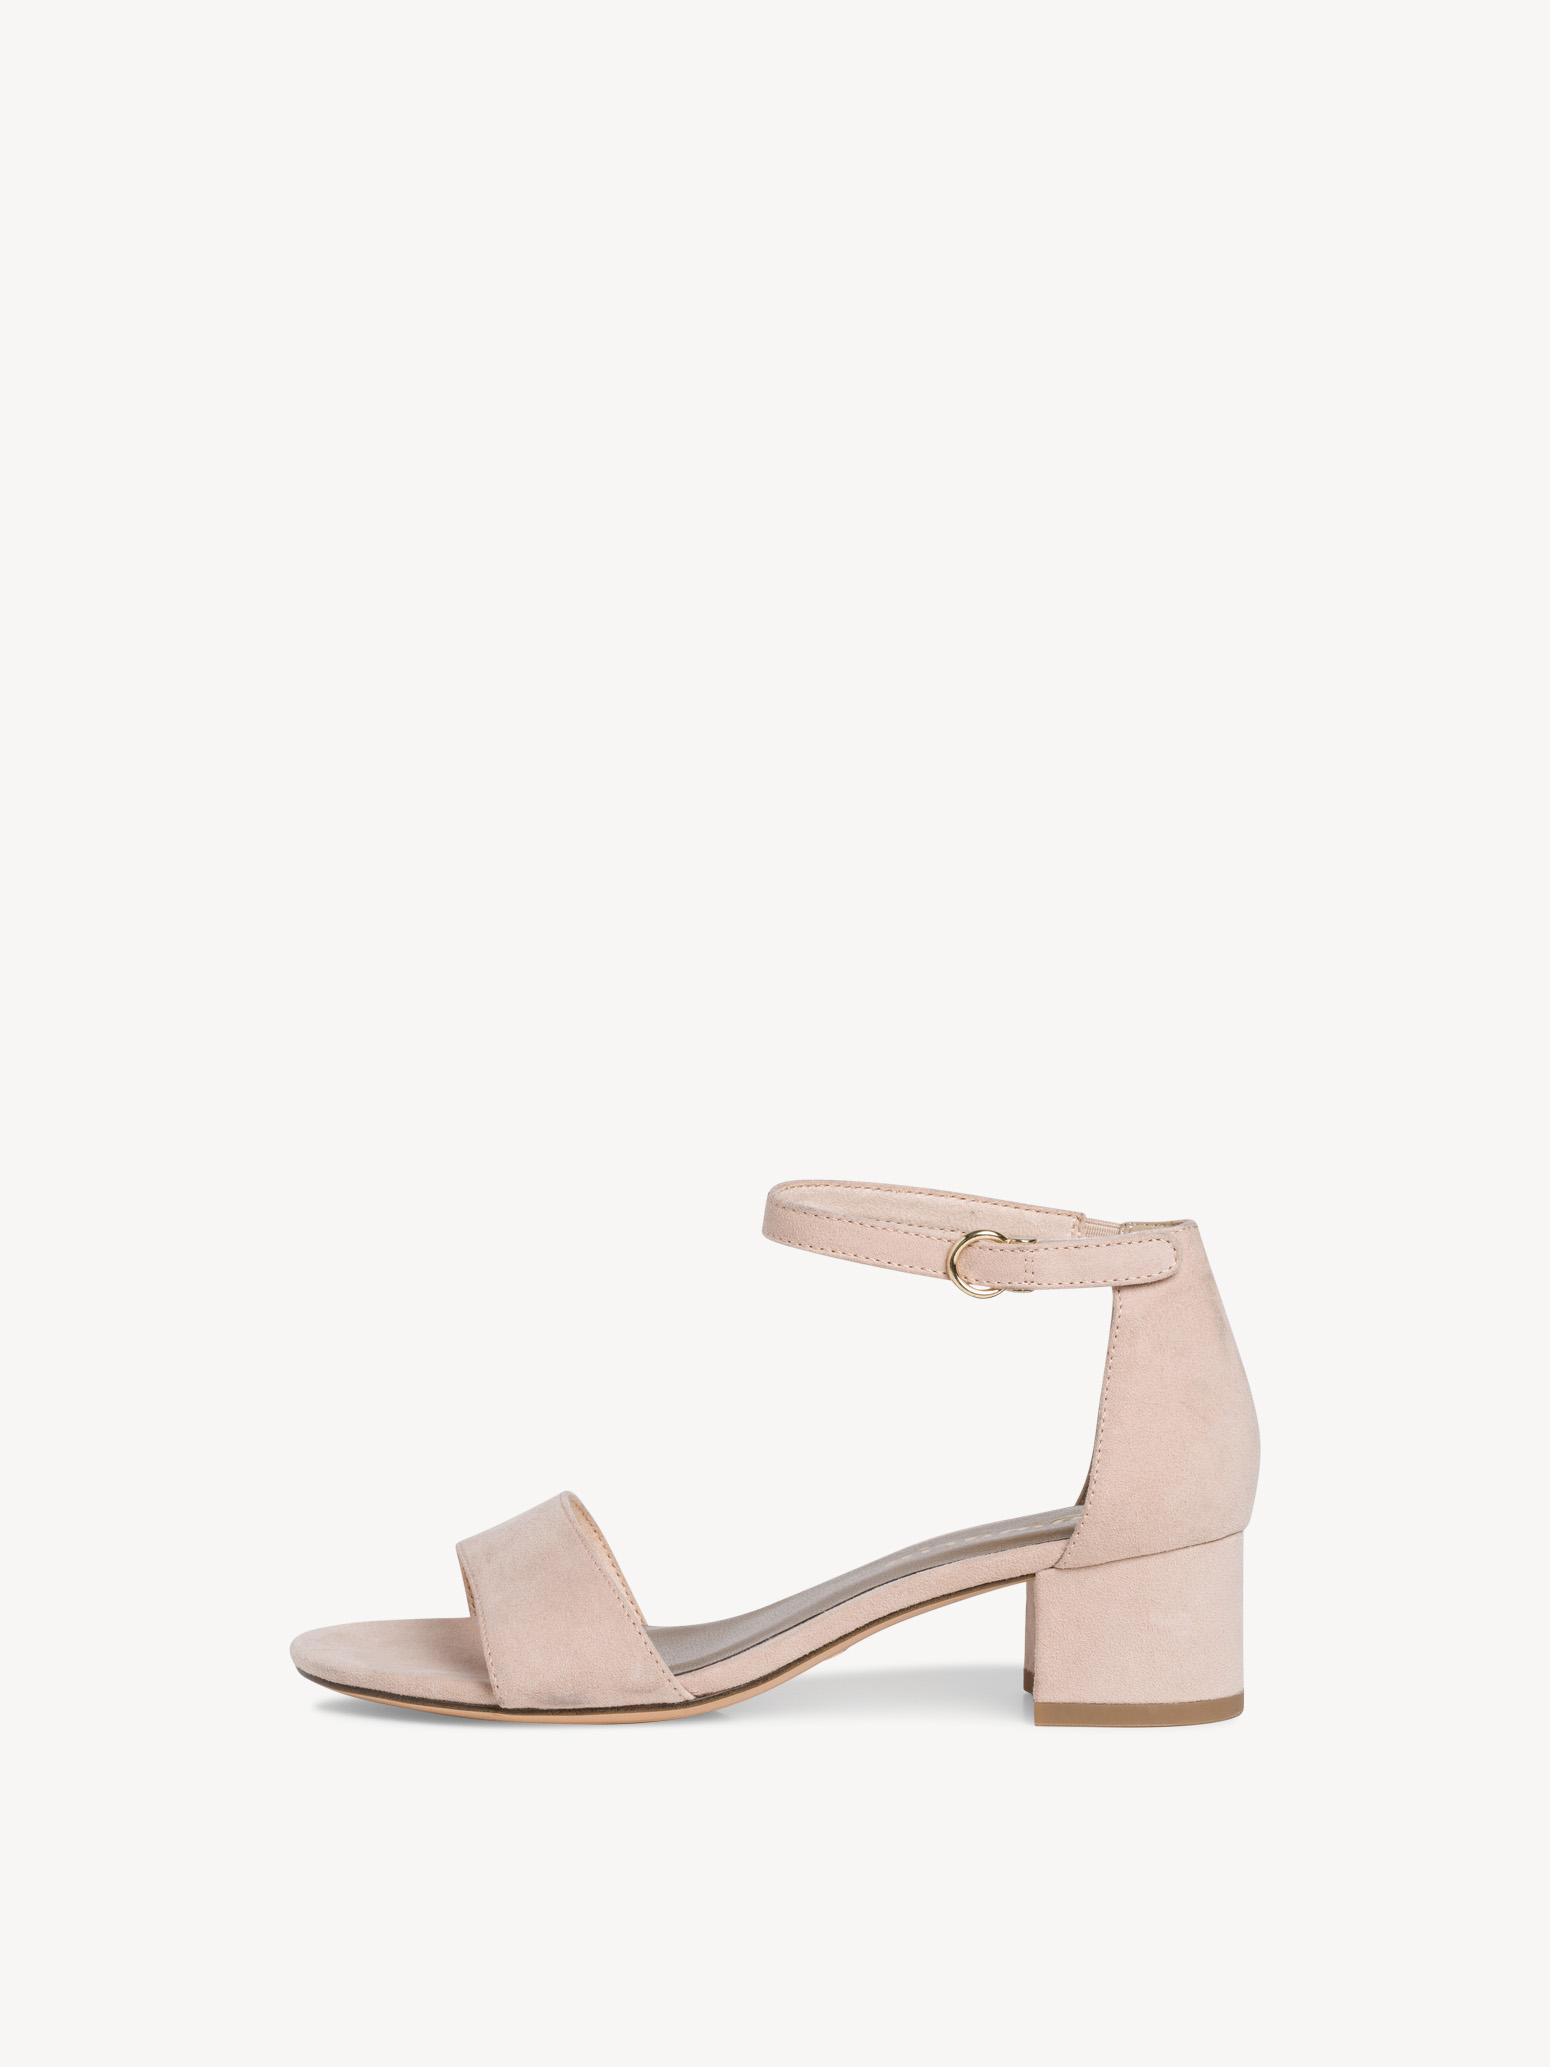 Heeled sandal